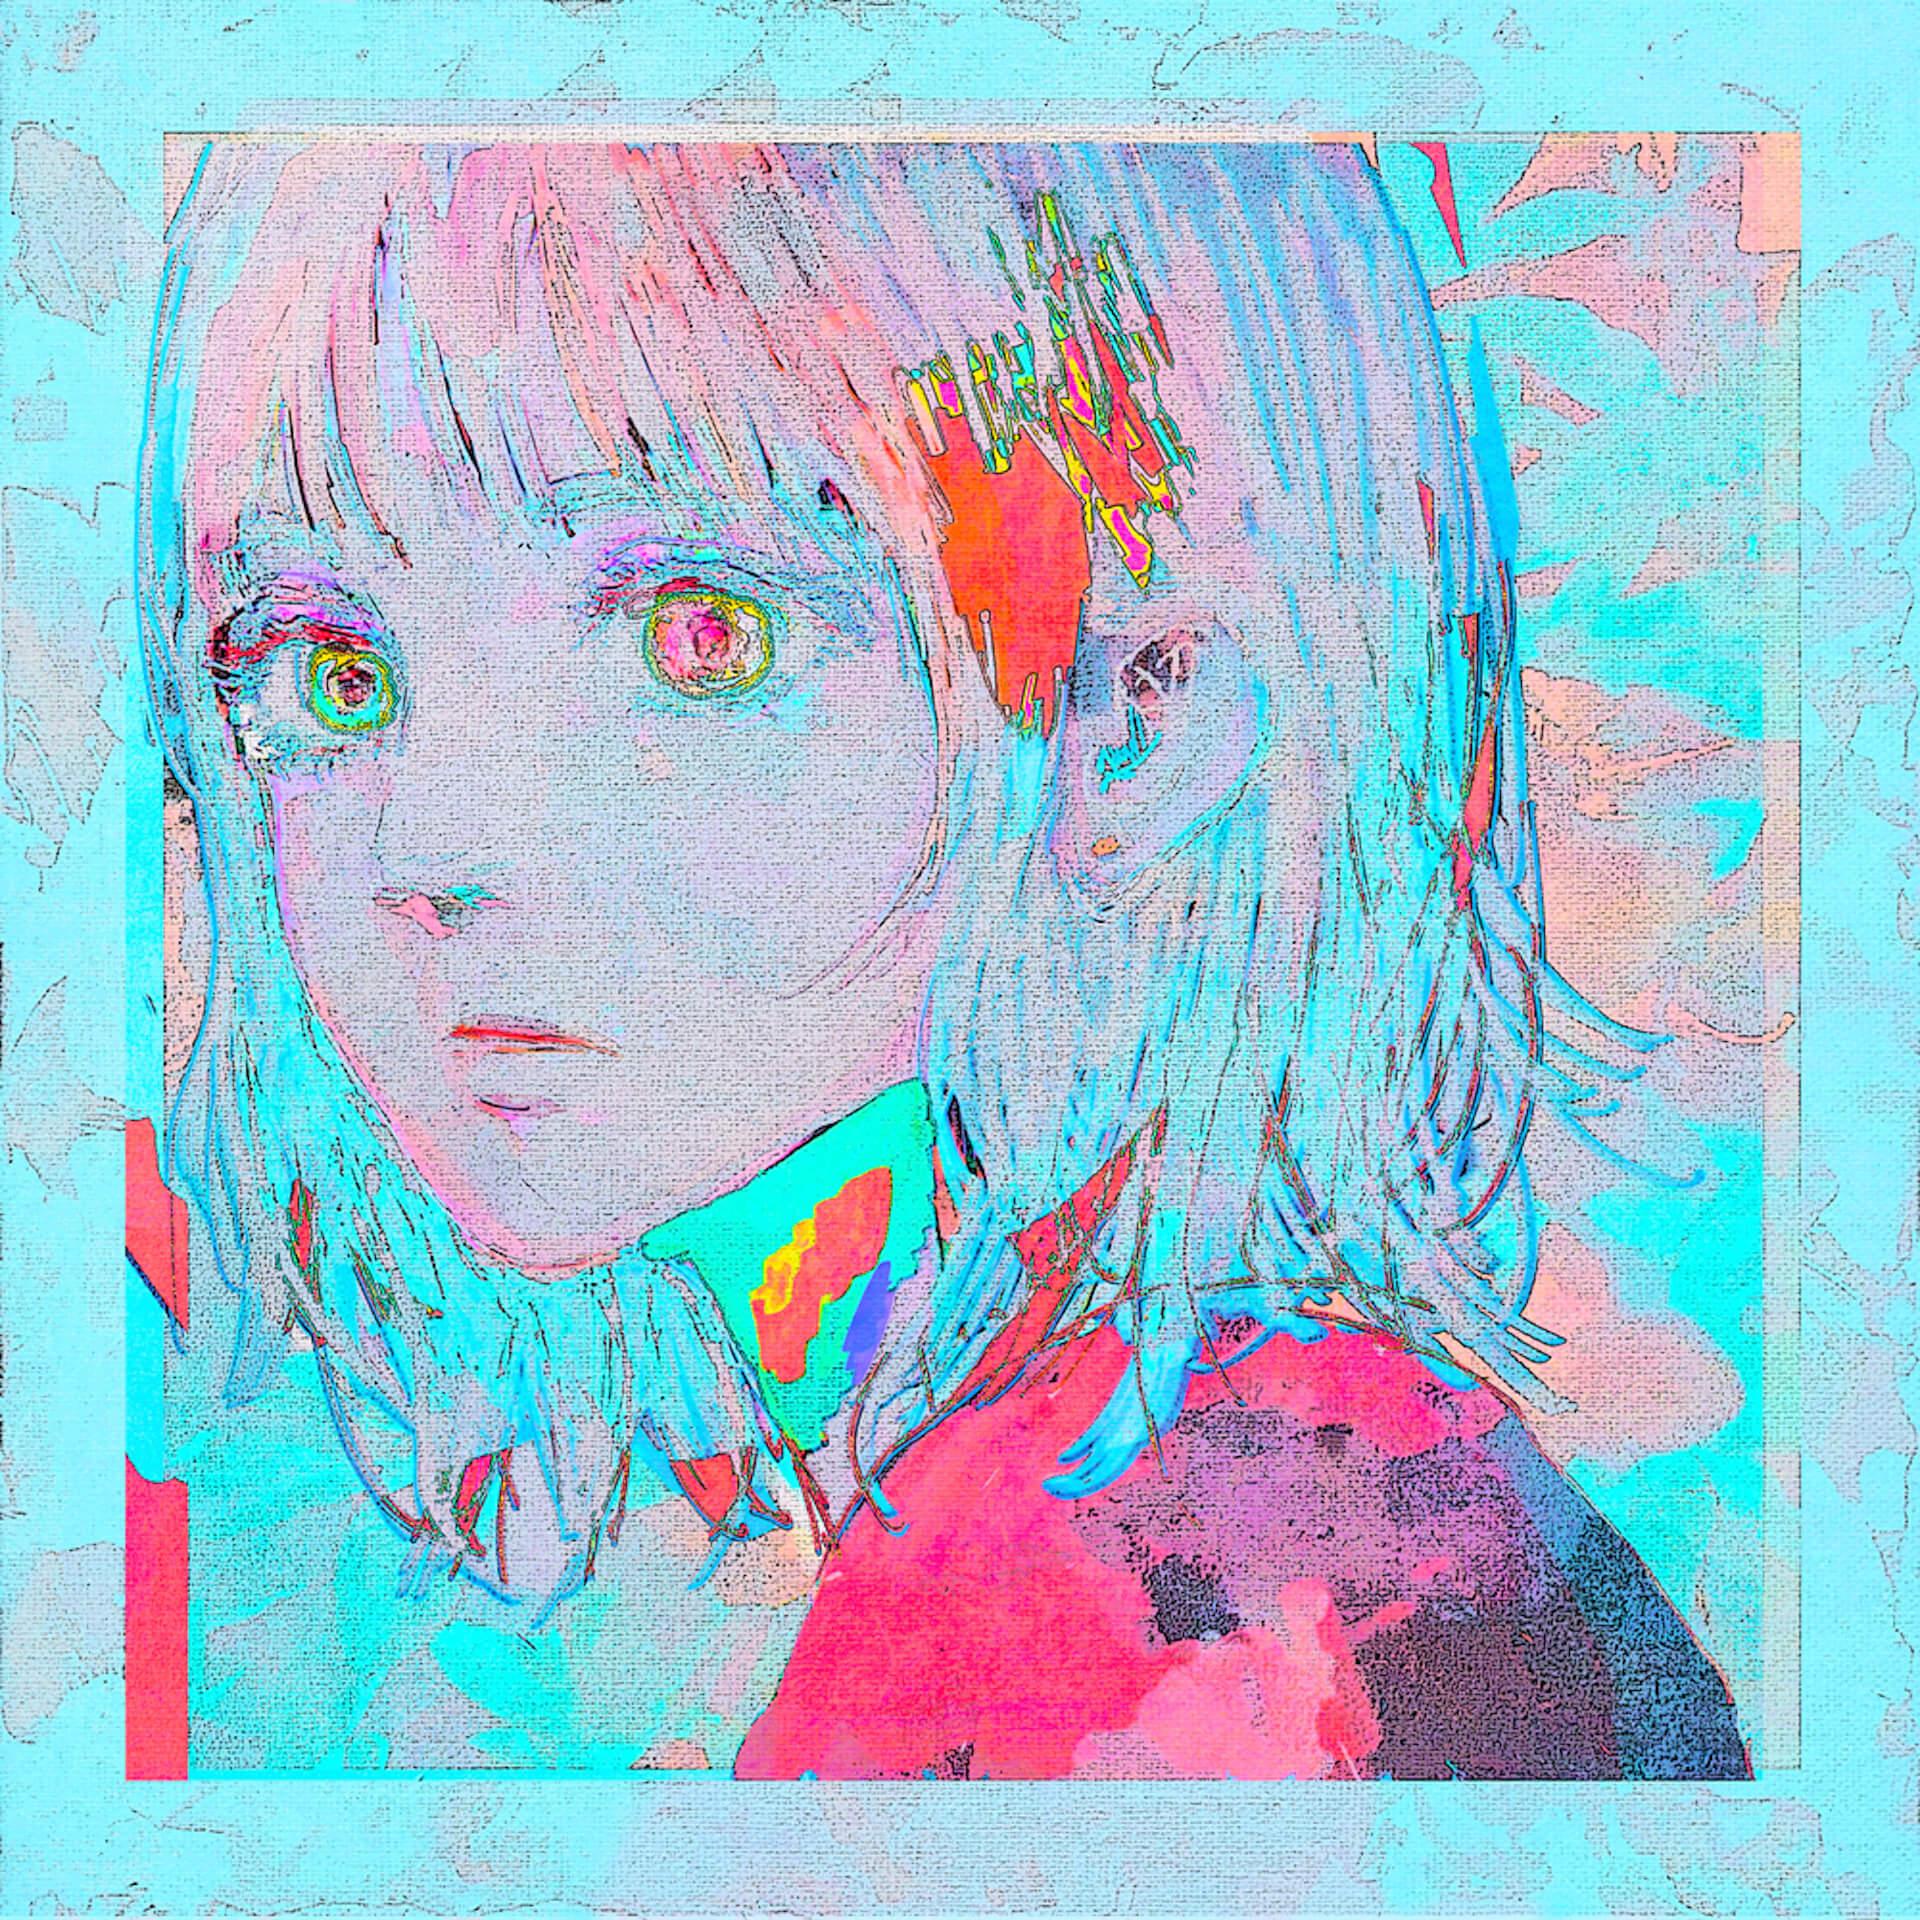 米津玄師ニューシングル『Pale Blue』発売記念で東京スカイツリーの特別ライティング&展望台でのMV上映が決定! music210611_yonezukenshi_3